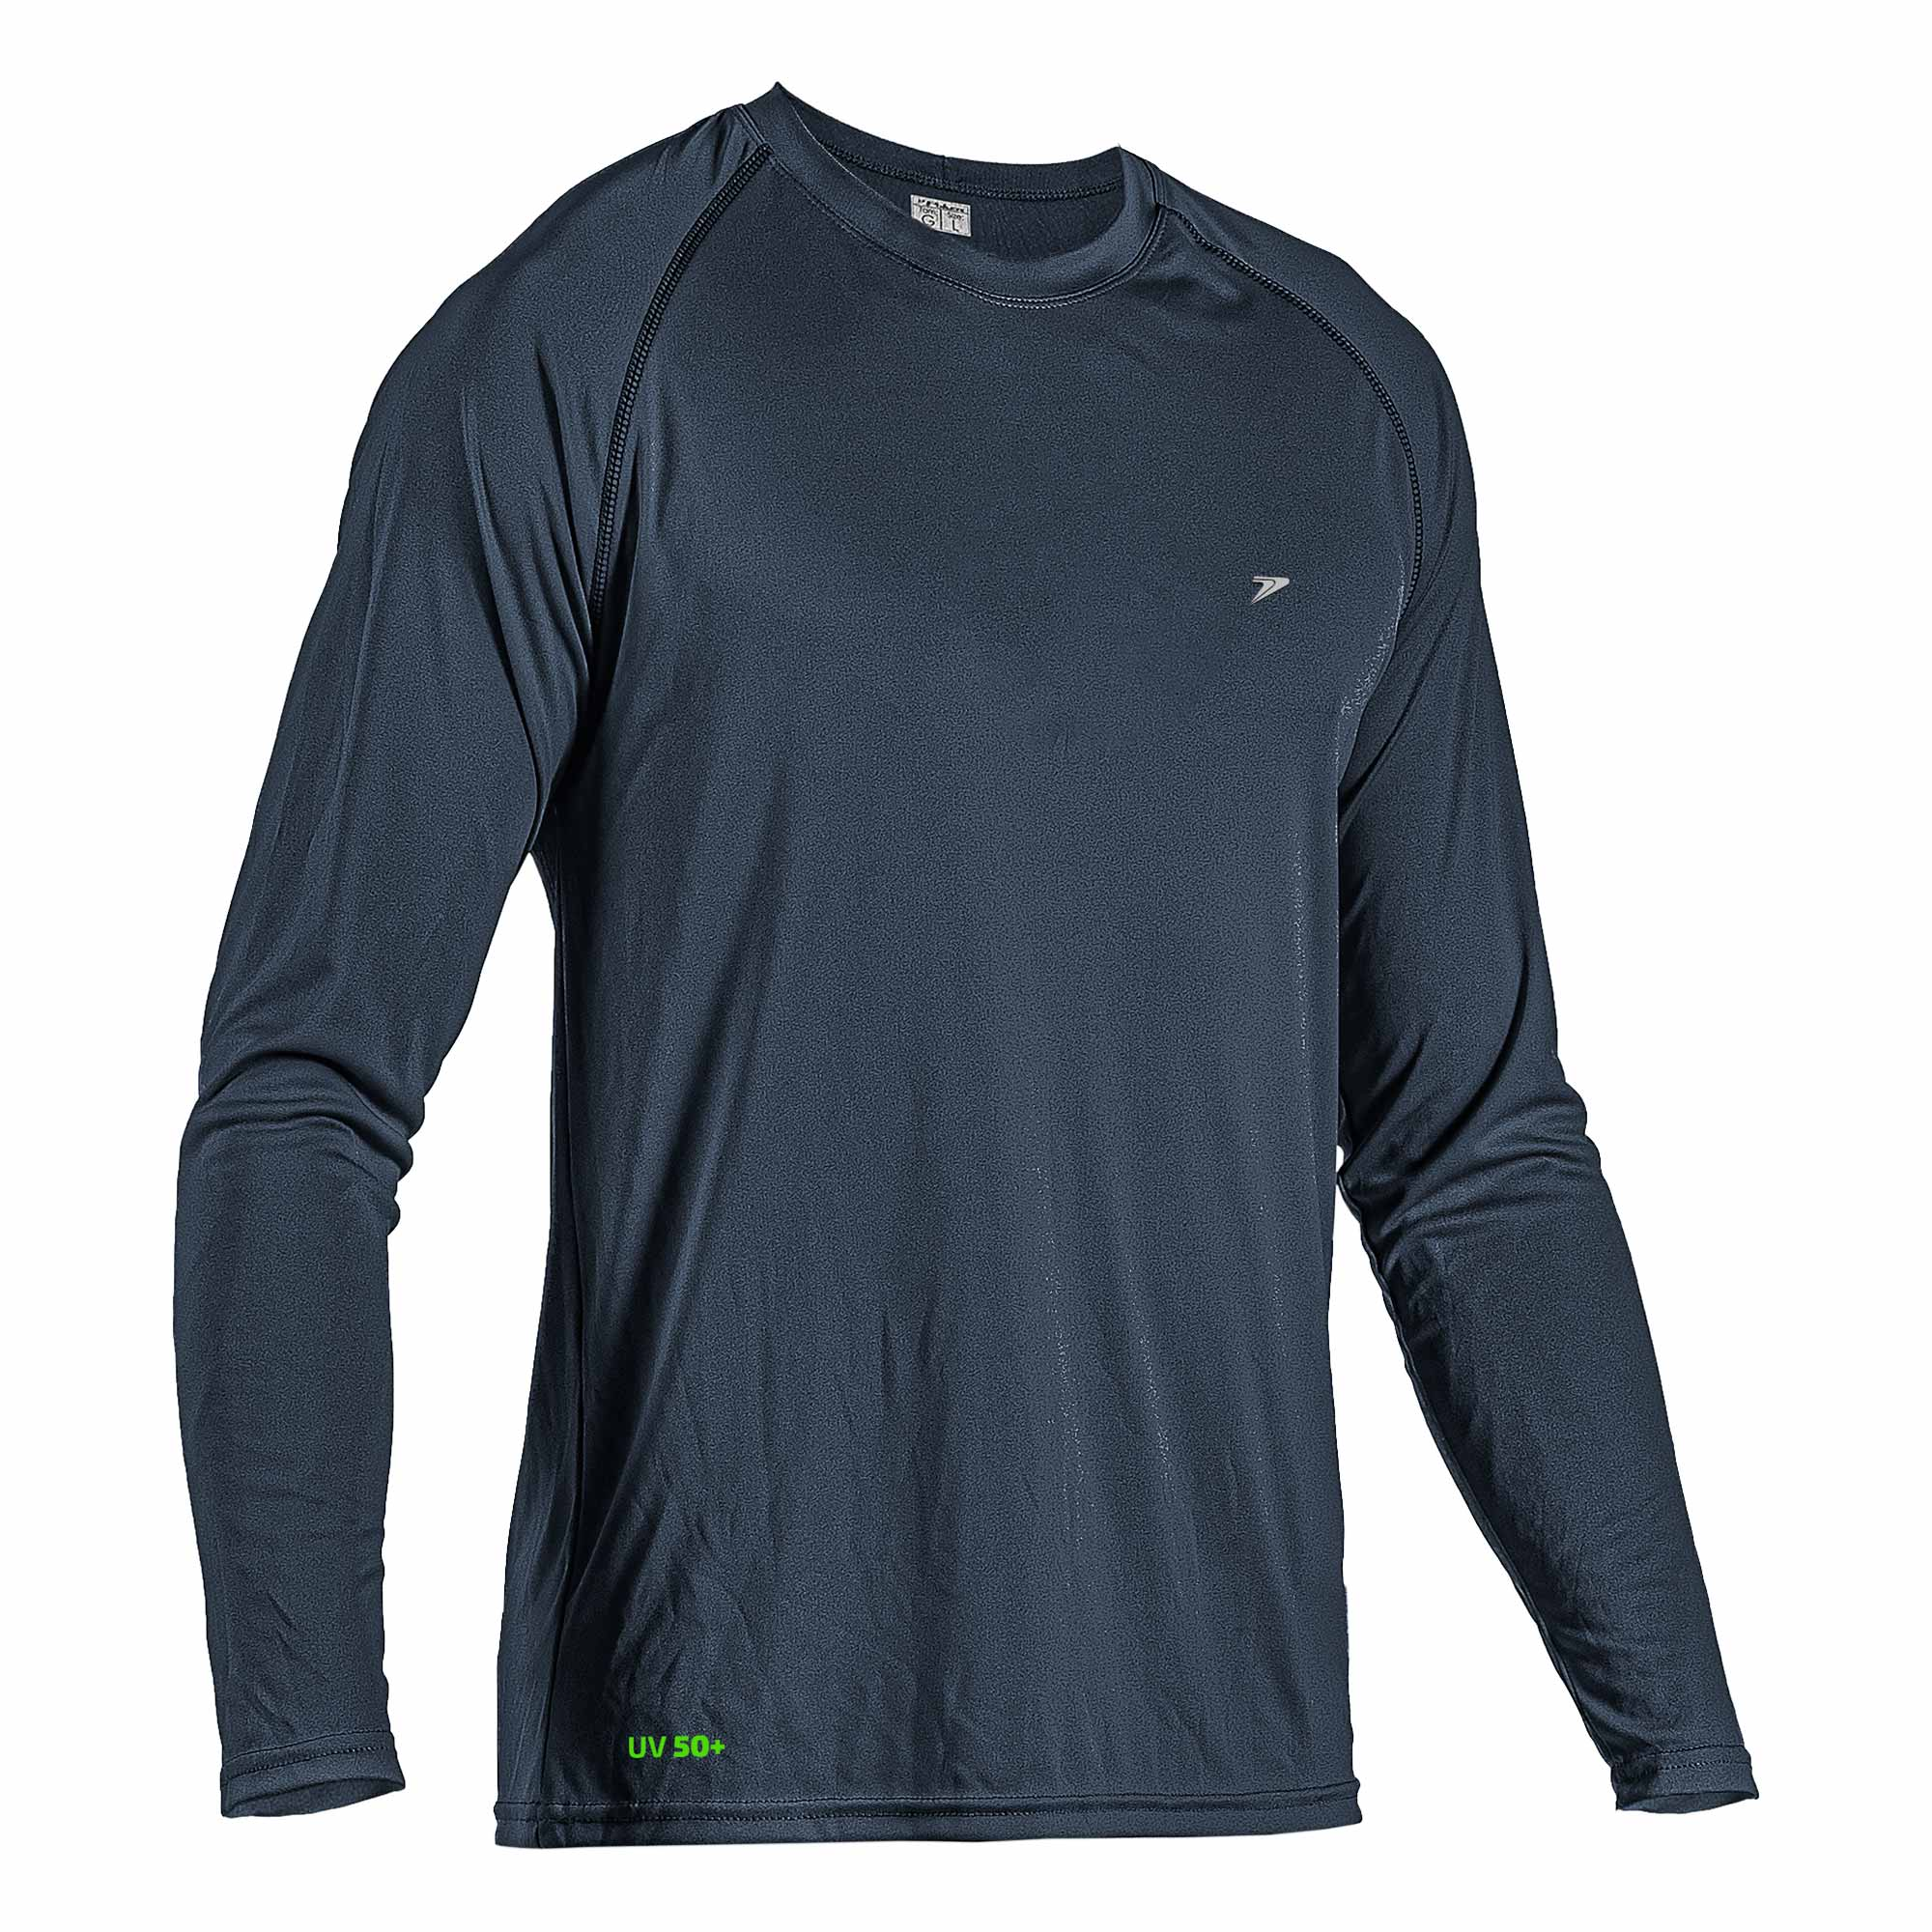 Camisa Fator de Proteção UV50+ Adulto II M/L 04054